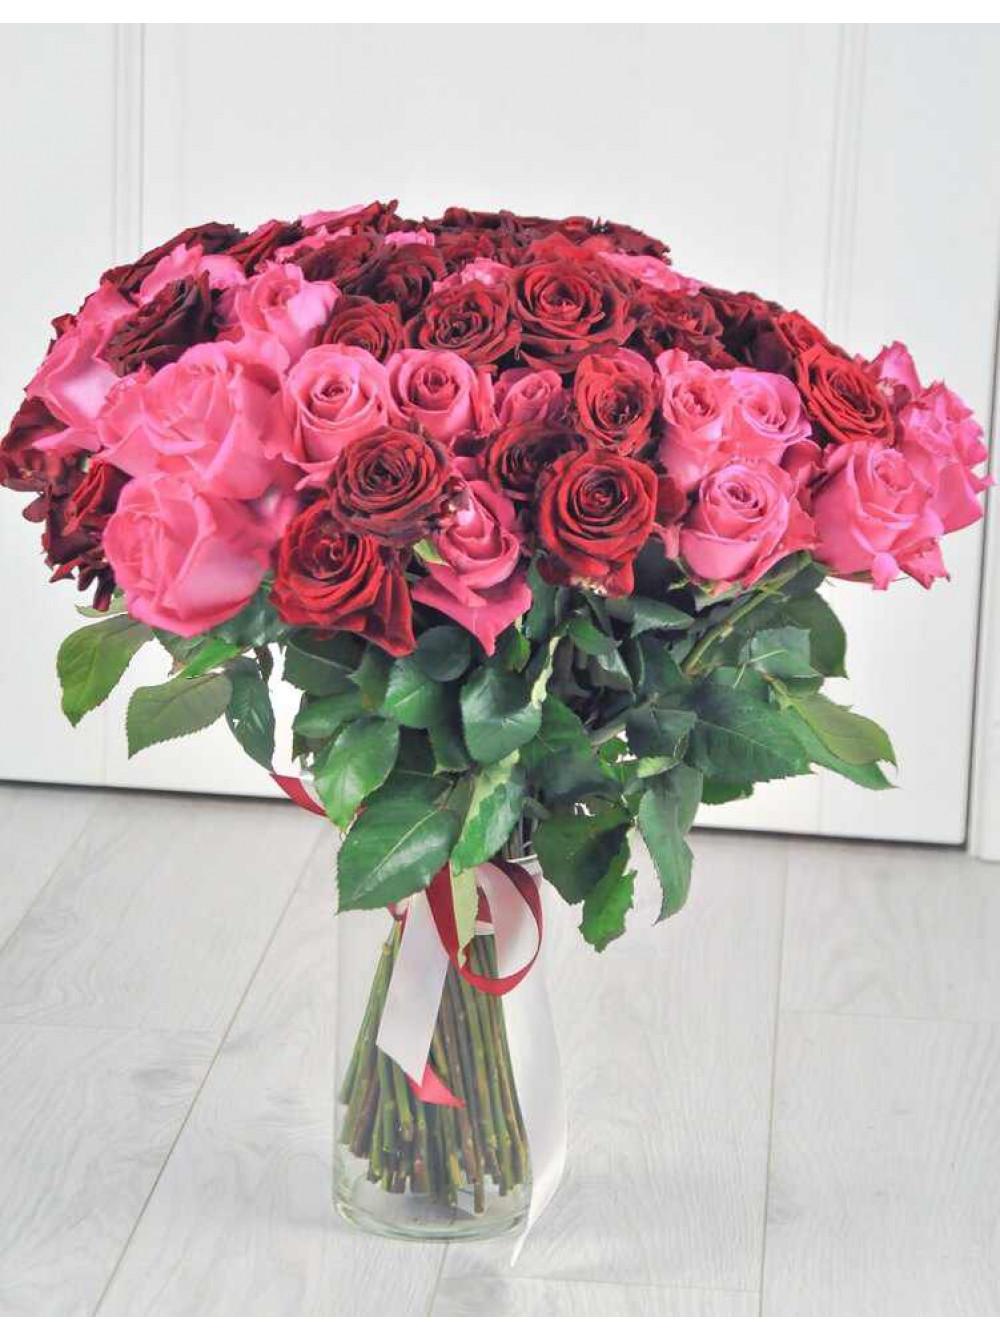 Доставка цветов г. жуковский, роз